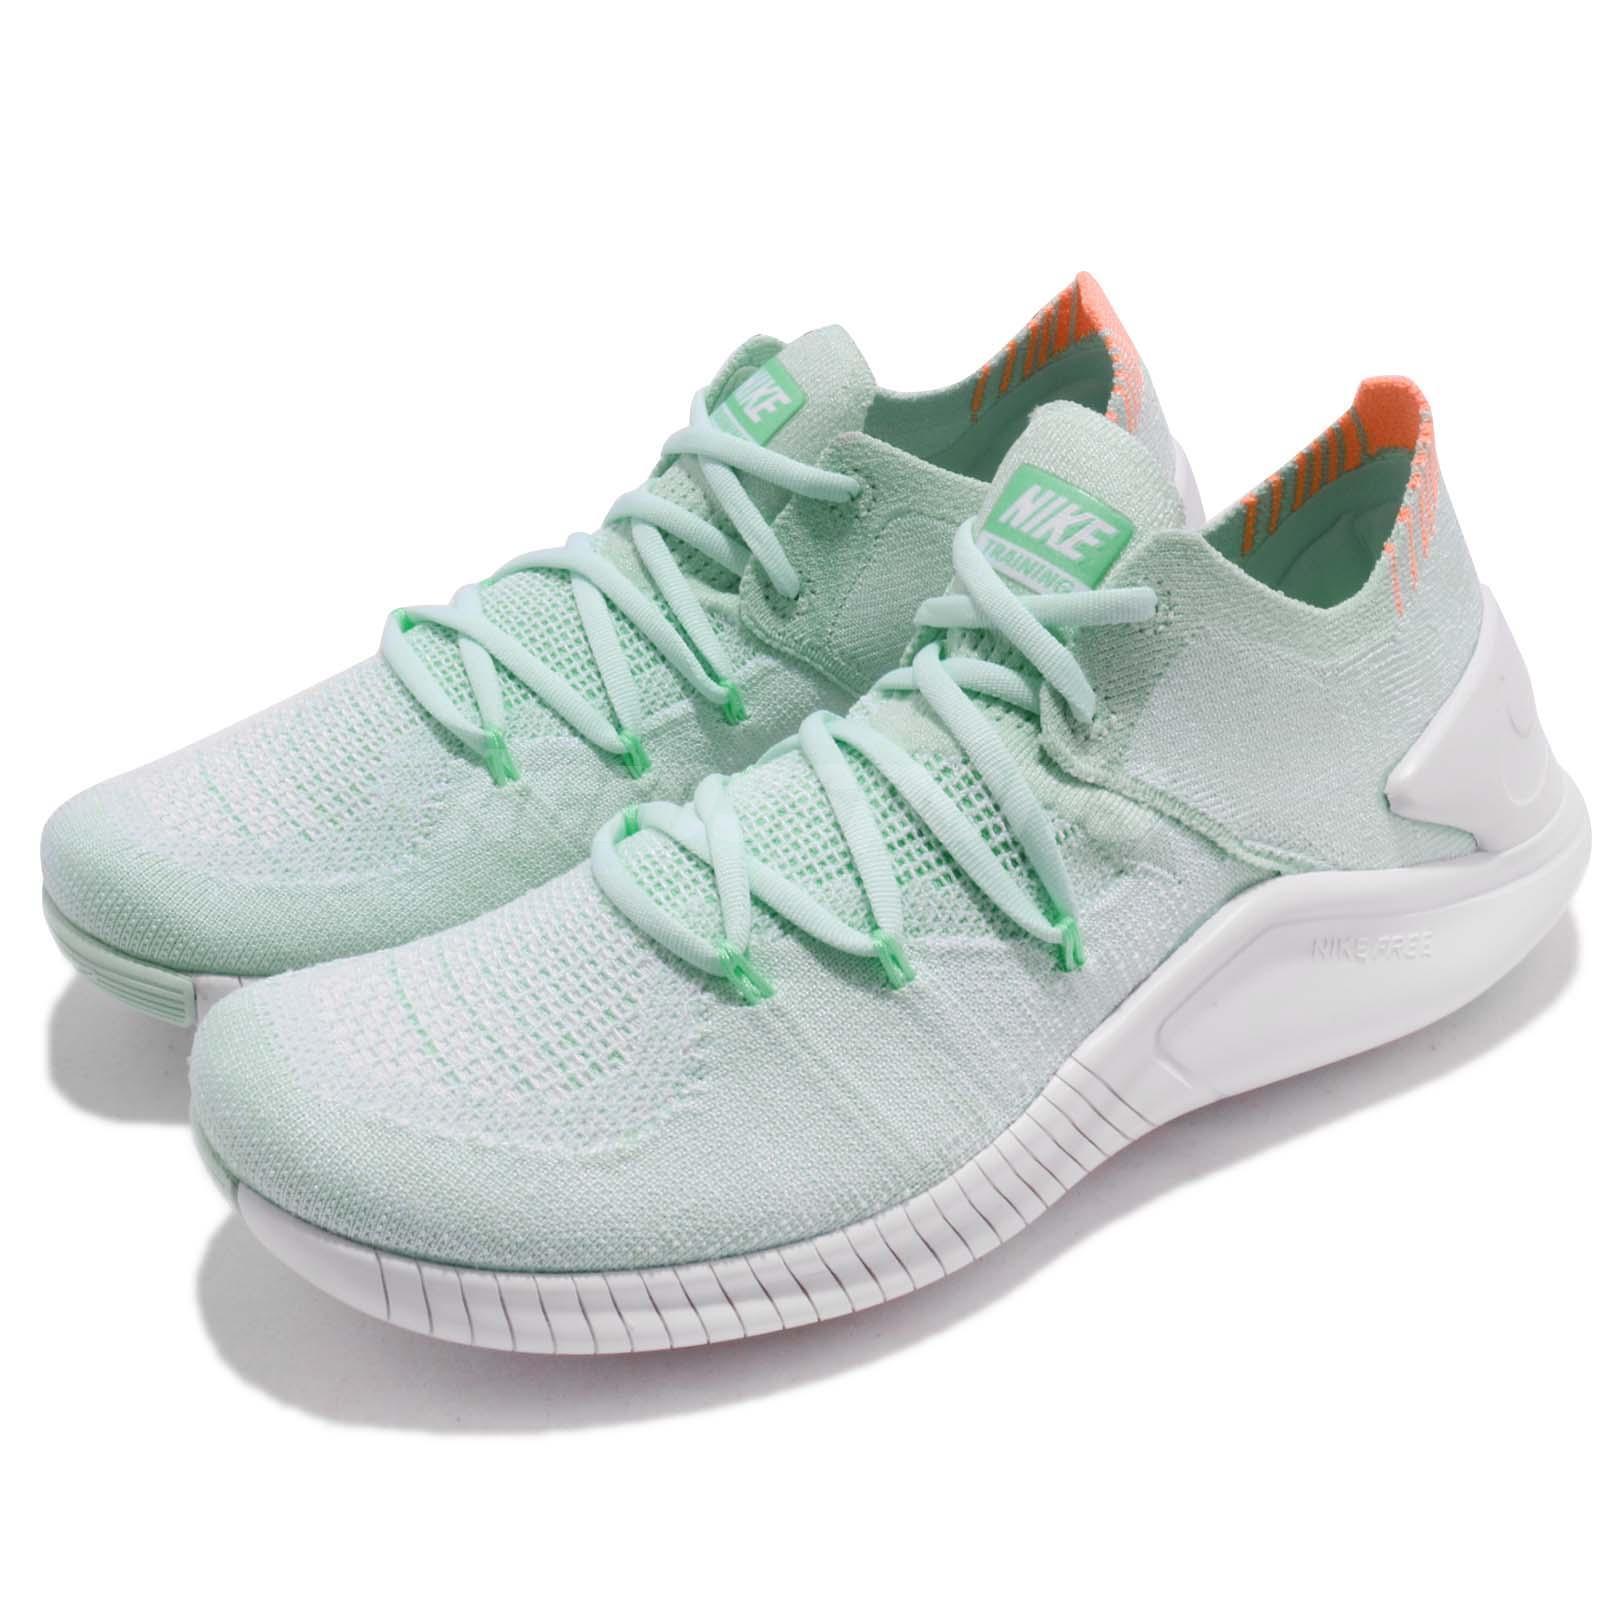 Nike Wmns Cross Free TR Flyknit 3 Igloo Green Women Cross Wmns Training Shoes 942887-301 66c7fe